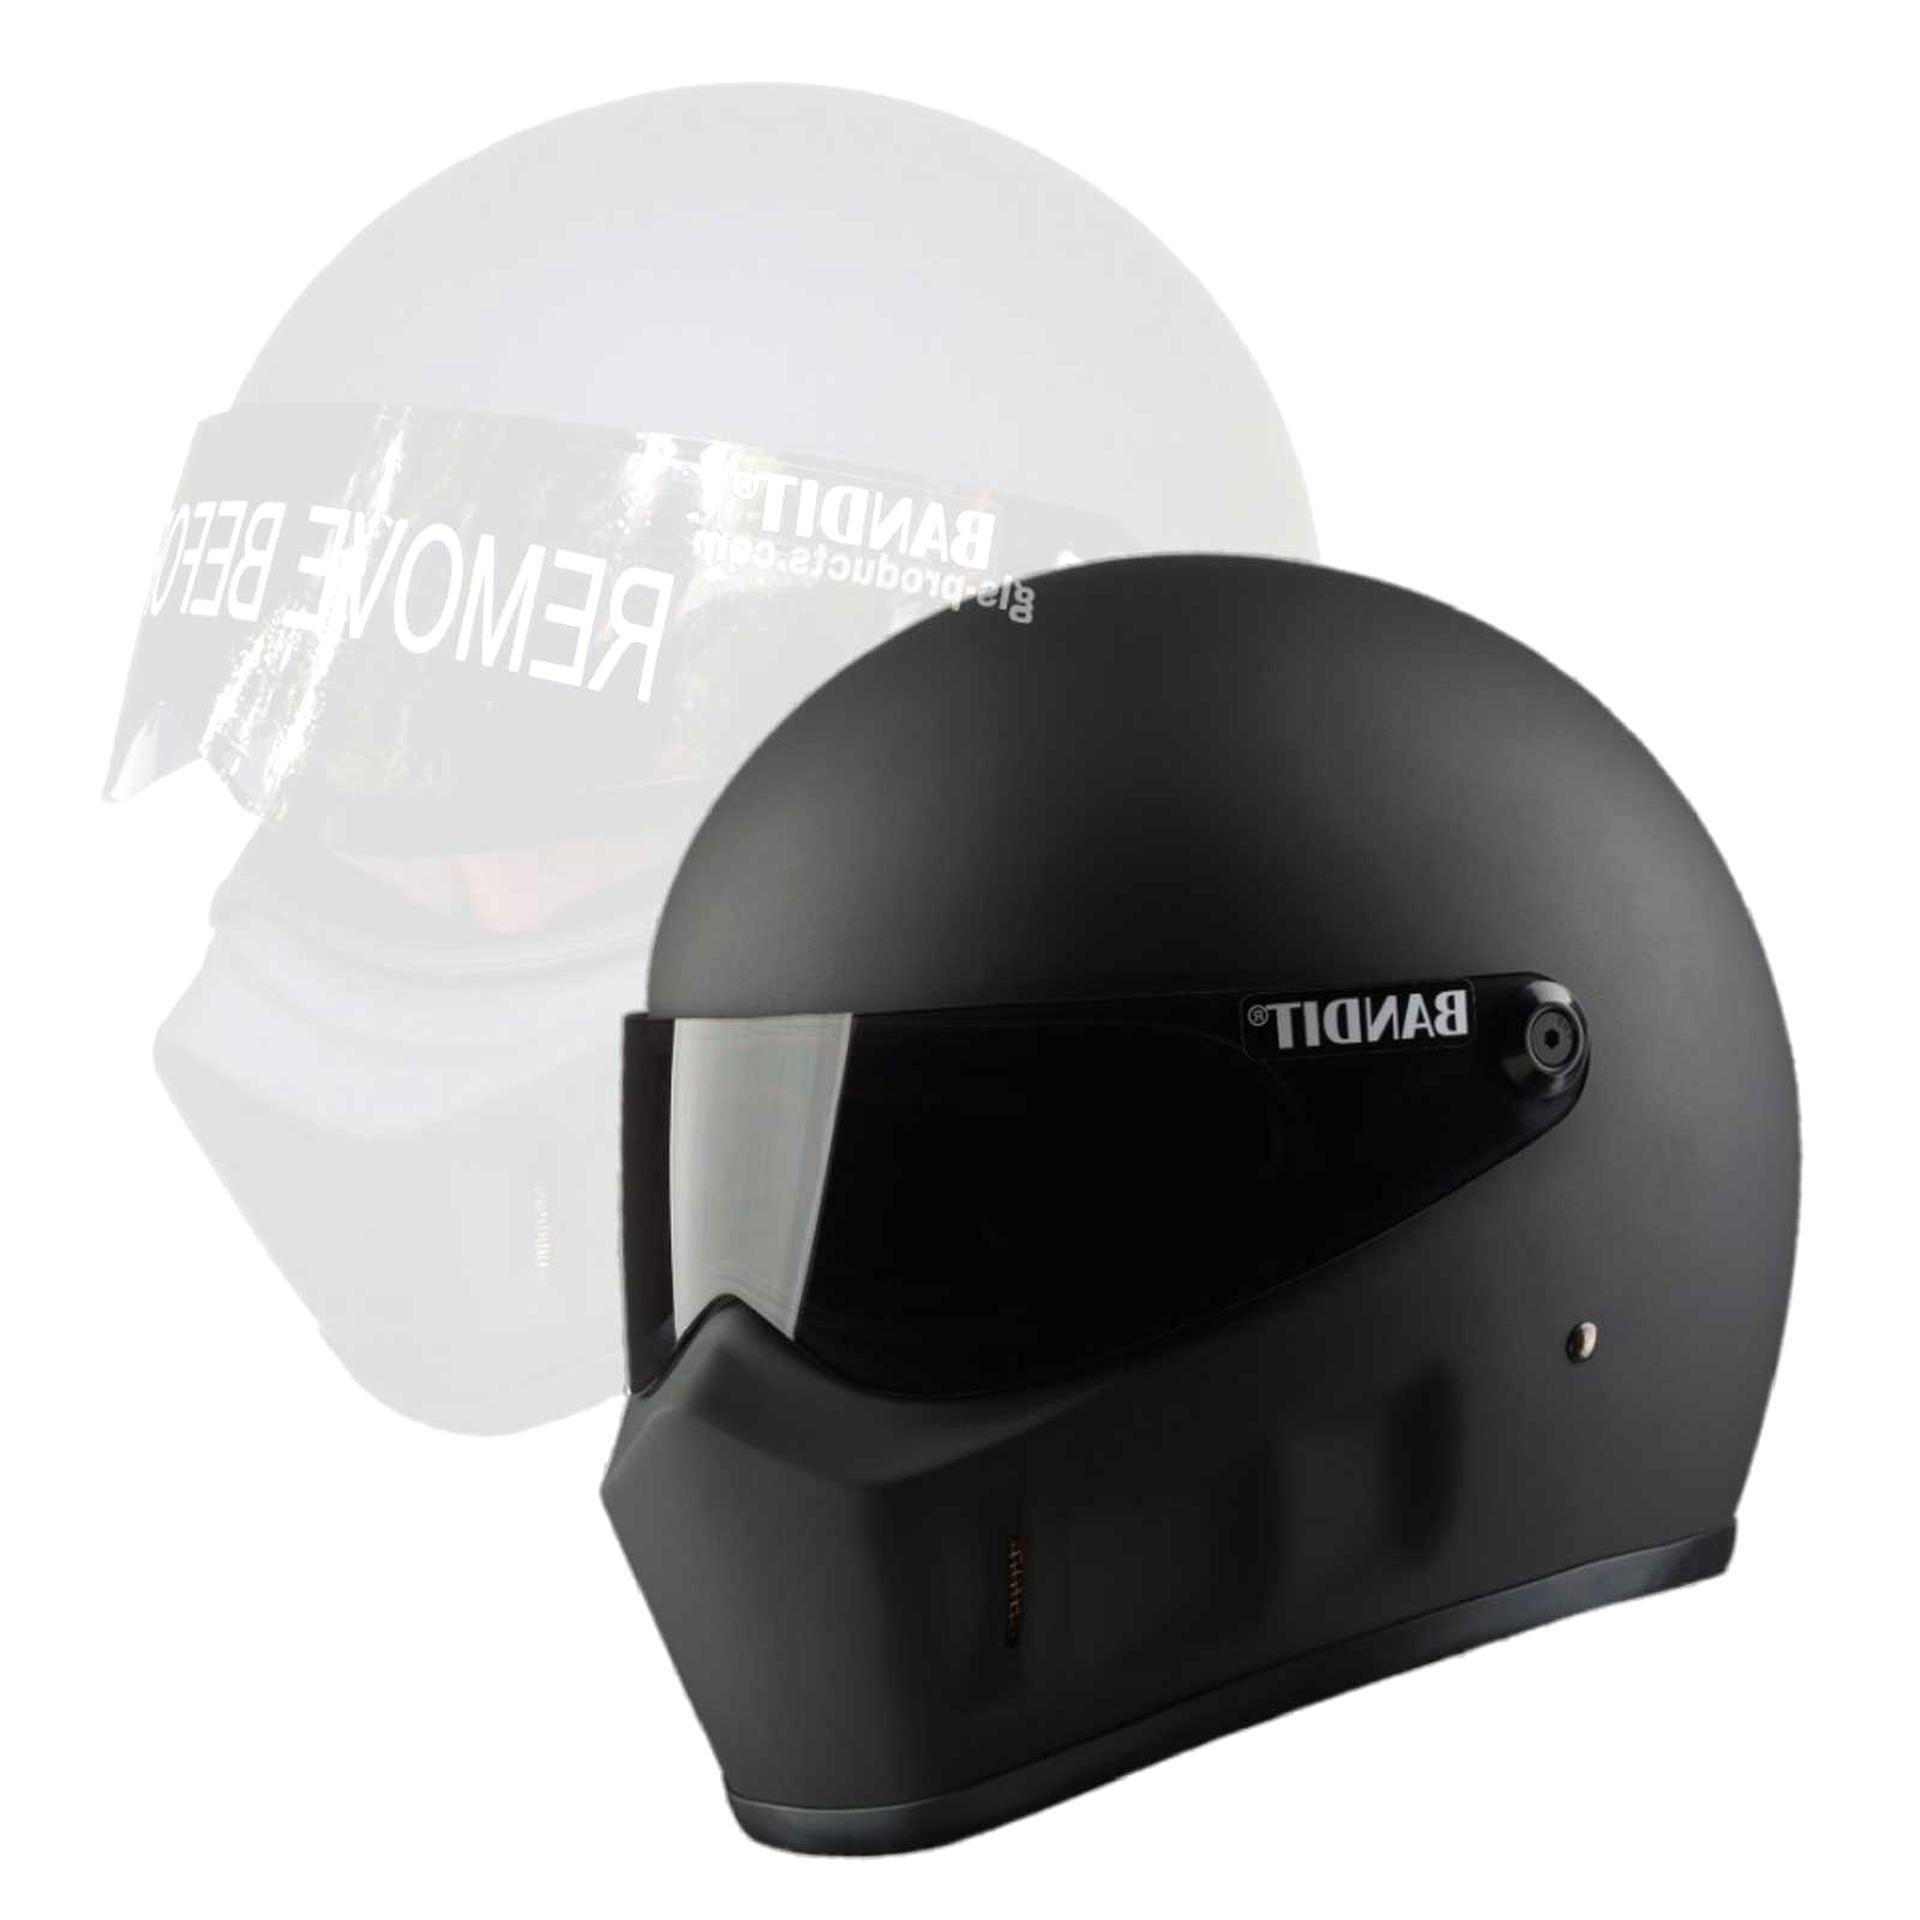 Motorrad-Helm Mit Schwarzem Visier Gr/ö/ße XL Exklusiver Marken-Helm Broken Head Hated and Proud 61-62 cm